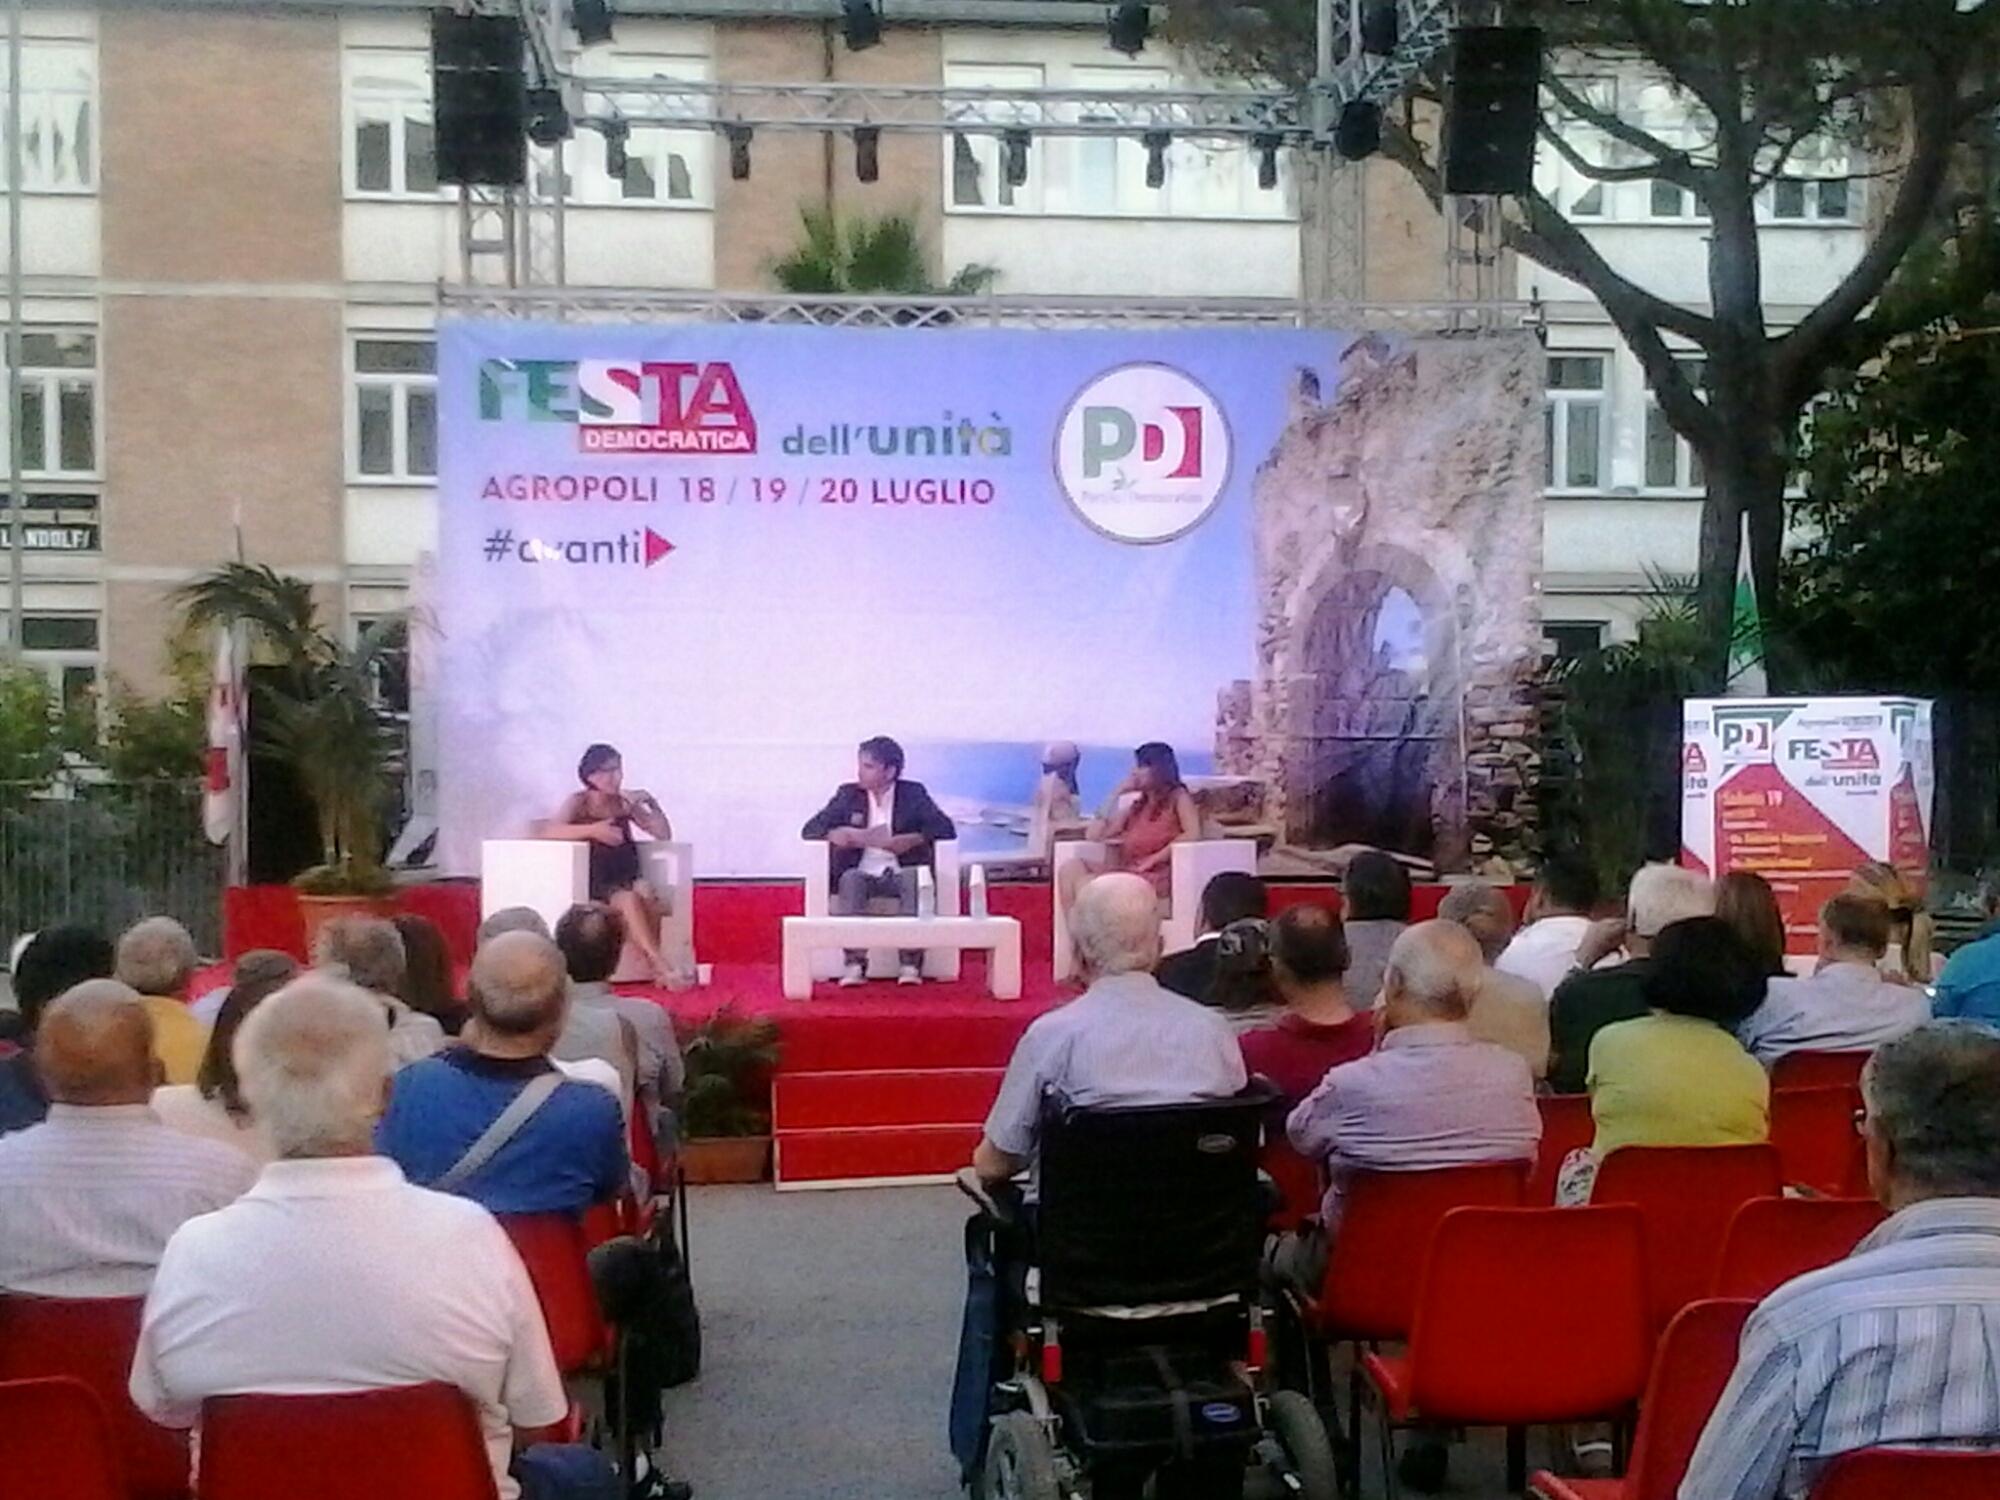 Agropoli festa pd secondo giorno cilento channel for Onorevoli pd